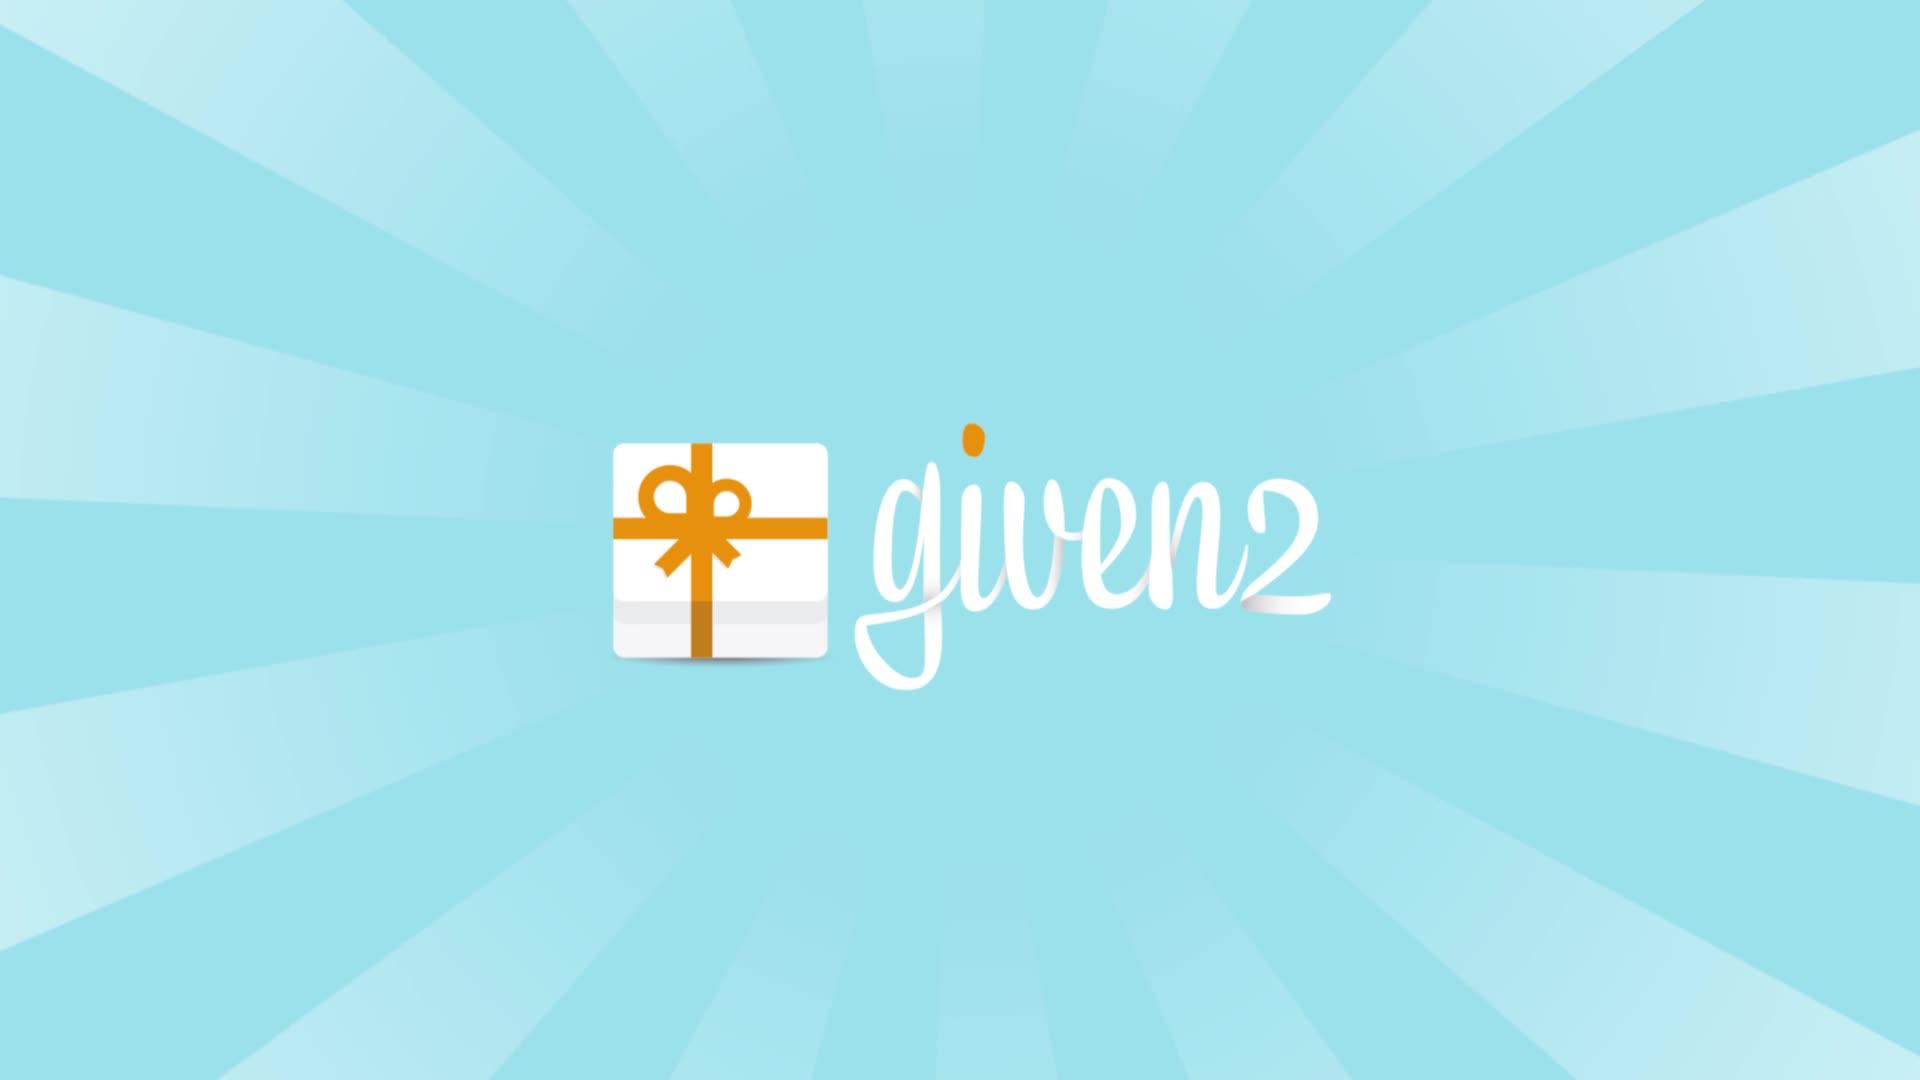 Given2 la prima lista regali diretta senza intermediari for Sito regali gratis